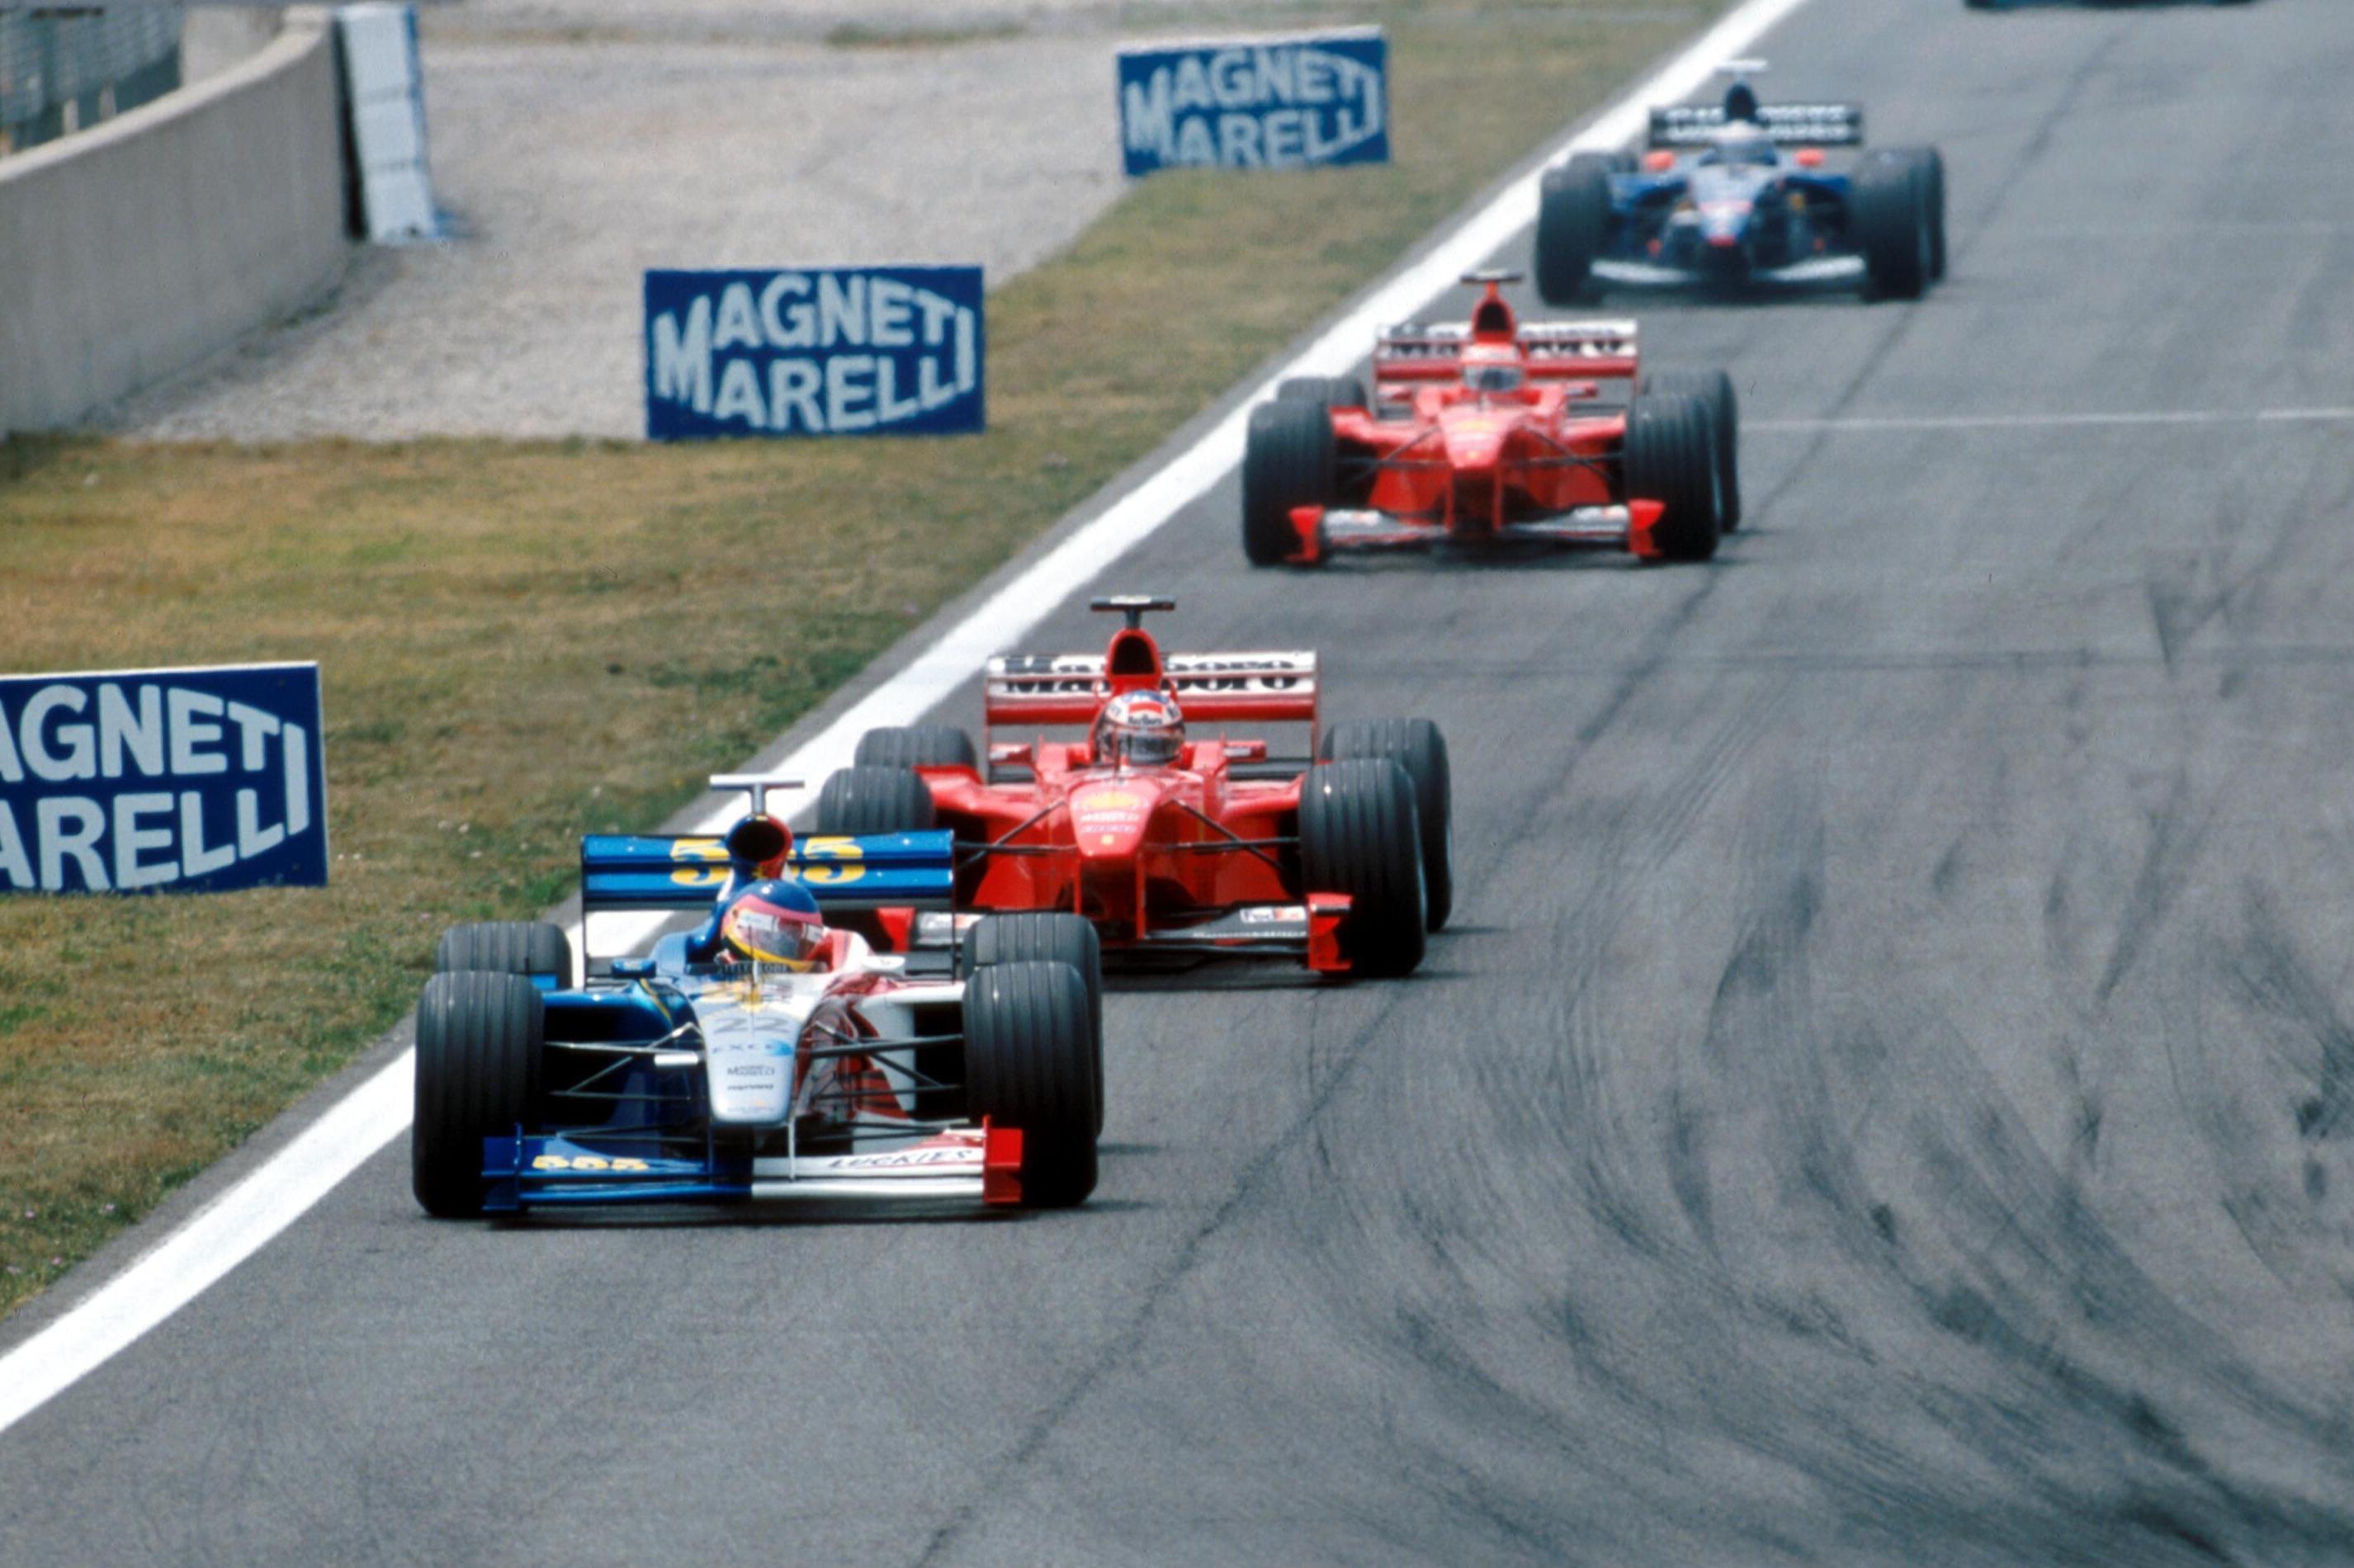 Jacques Villeneuve, 1999 Spanish GP